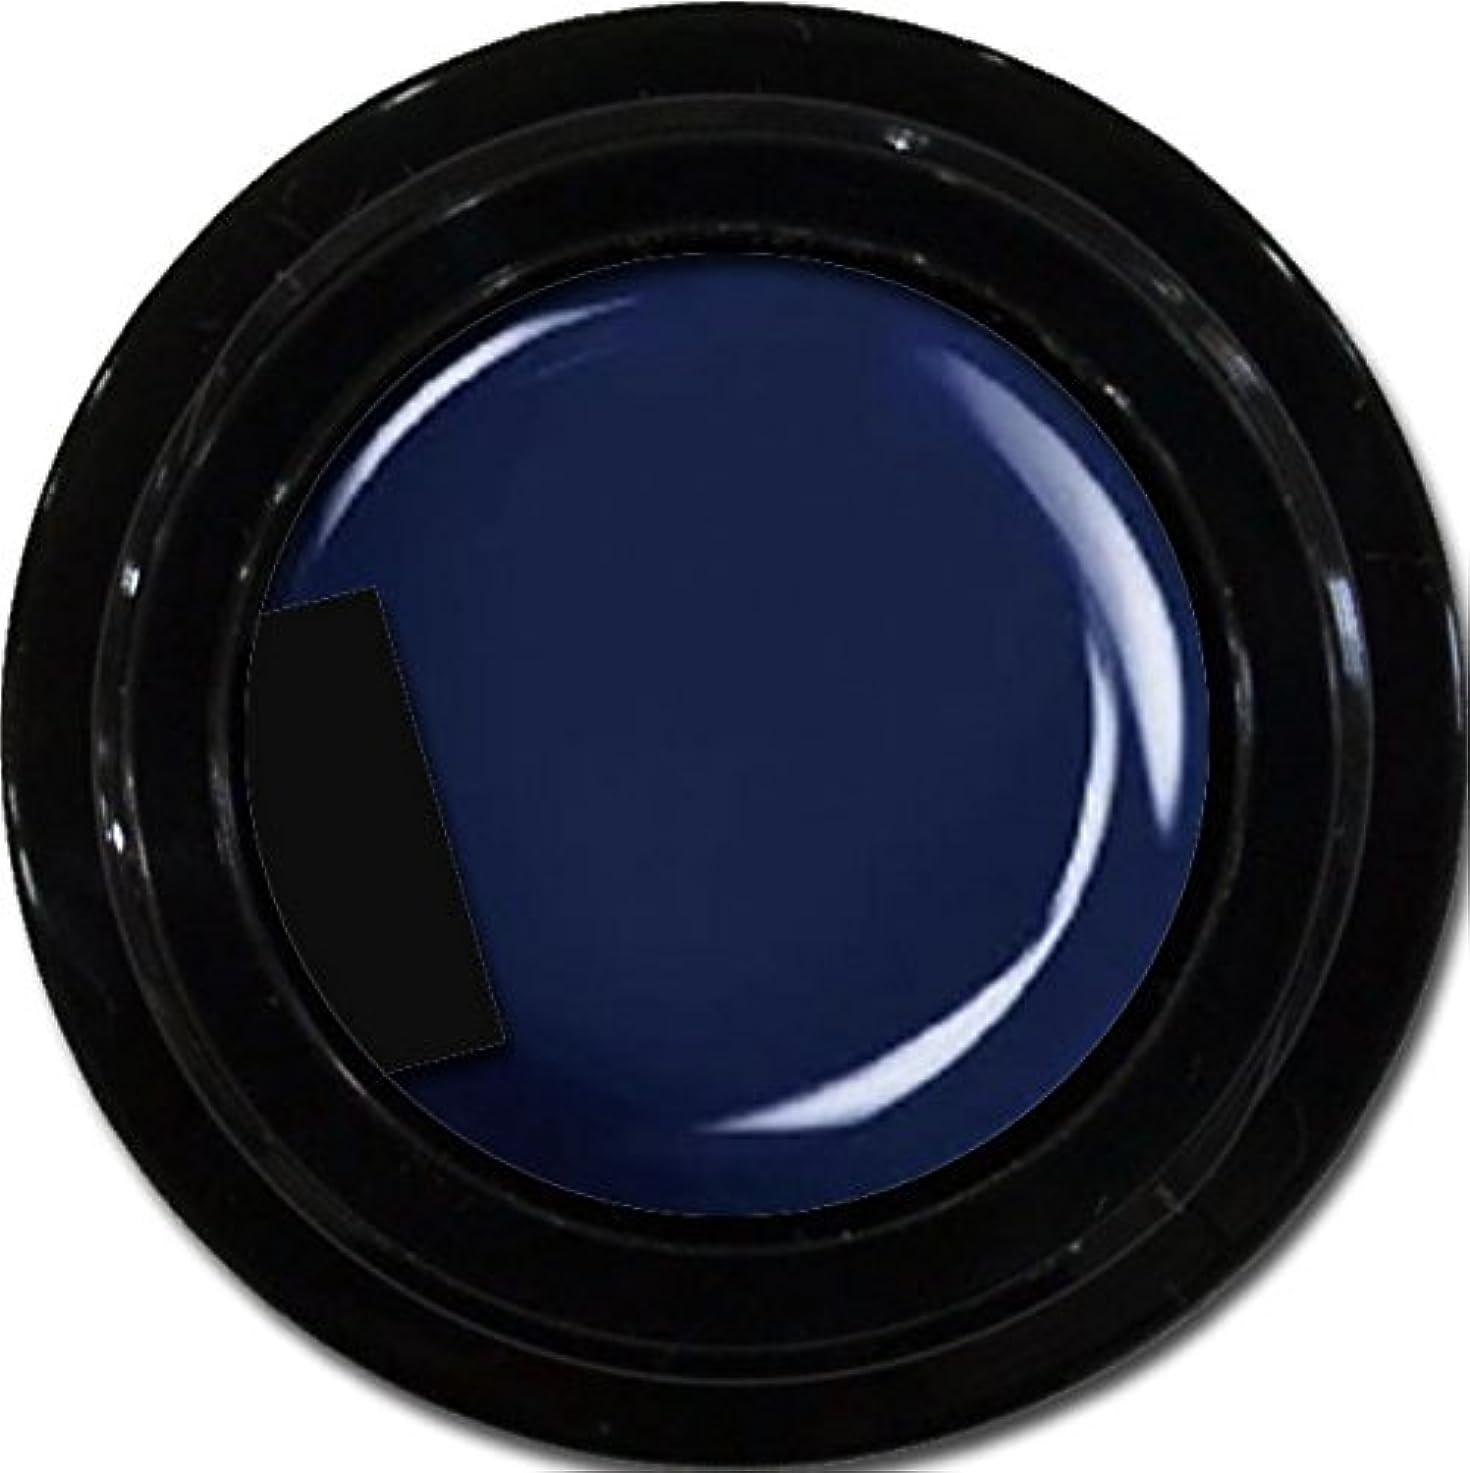 インキュバスとらえどころのない受動的カラージェル enchant color gel M709 Indigo Navy 3g/ マットカラージェル M709 インディゴネイビー 3グラム